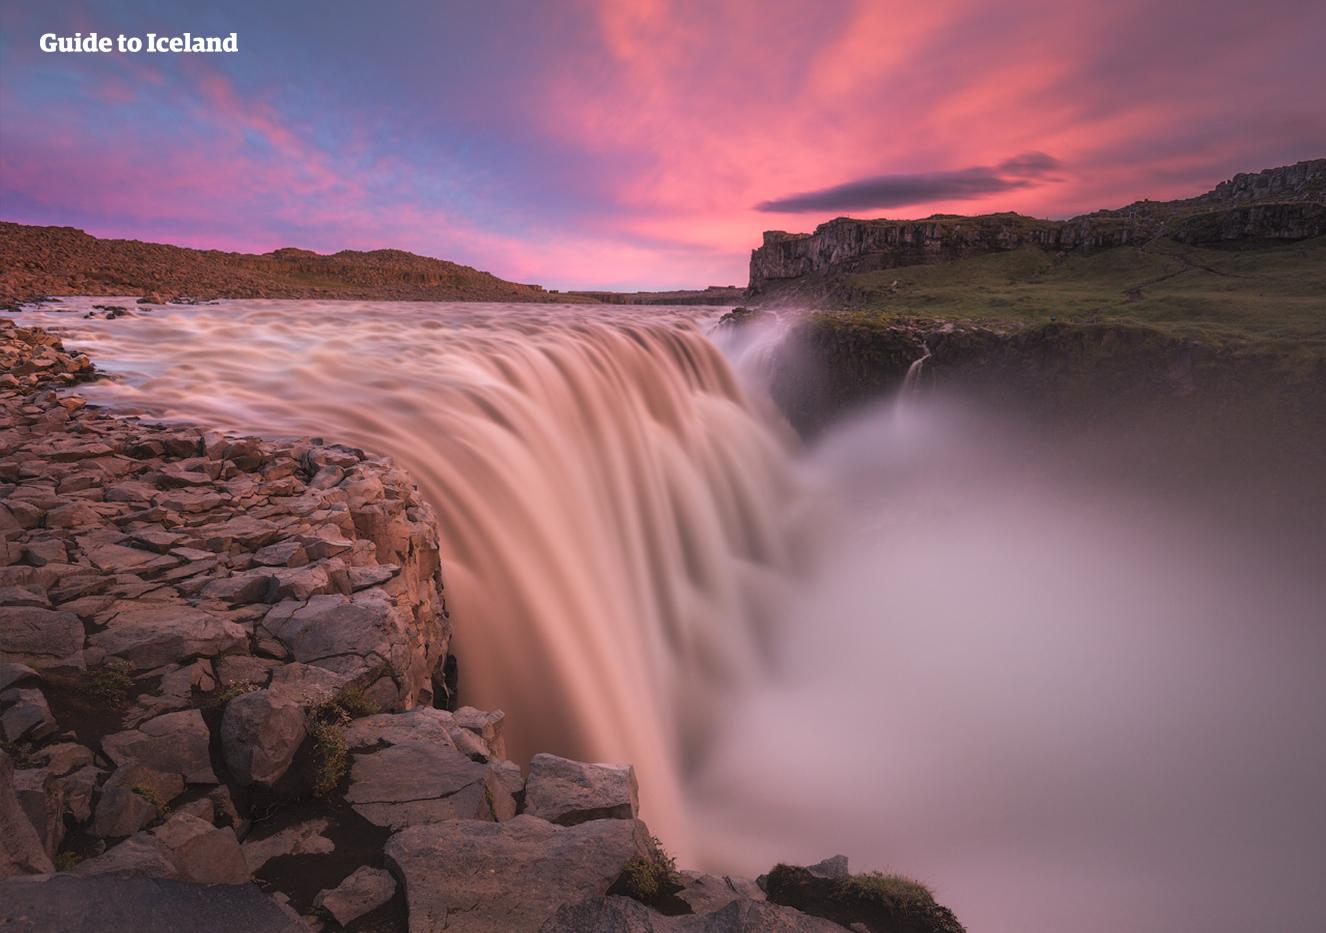 De waterval Dettifoss is een combinatie van pure kracht en absolute schoonheid.